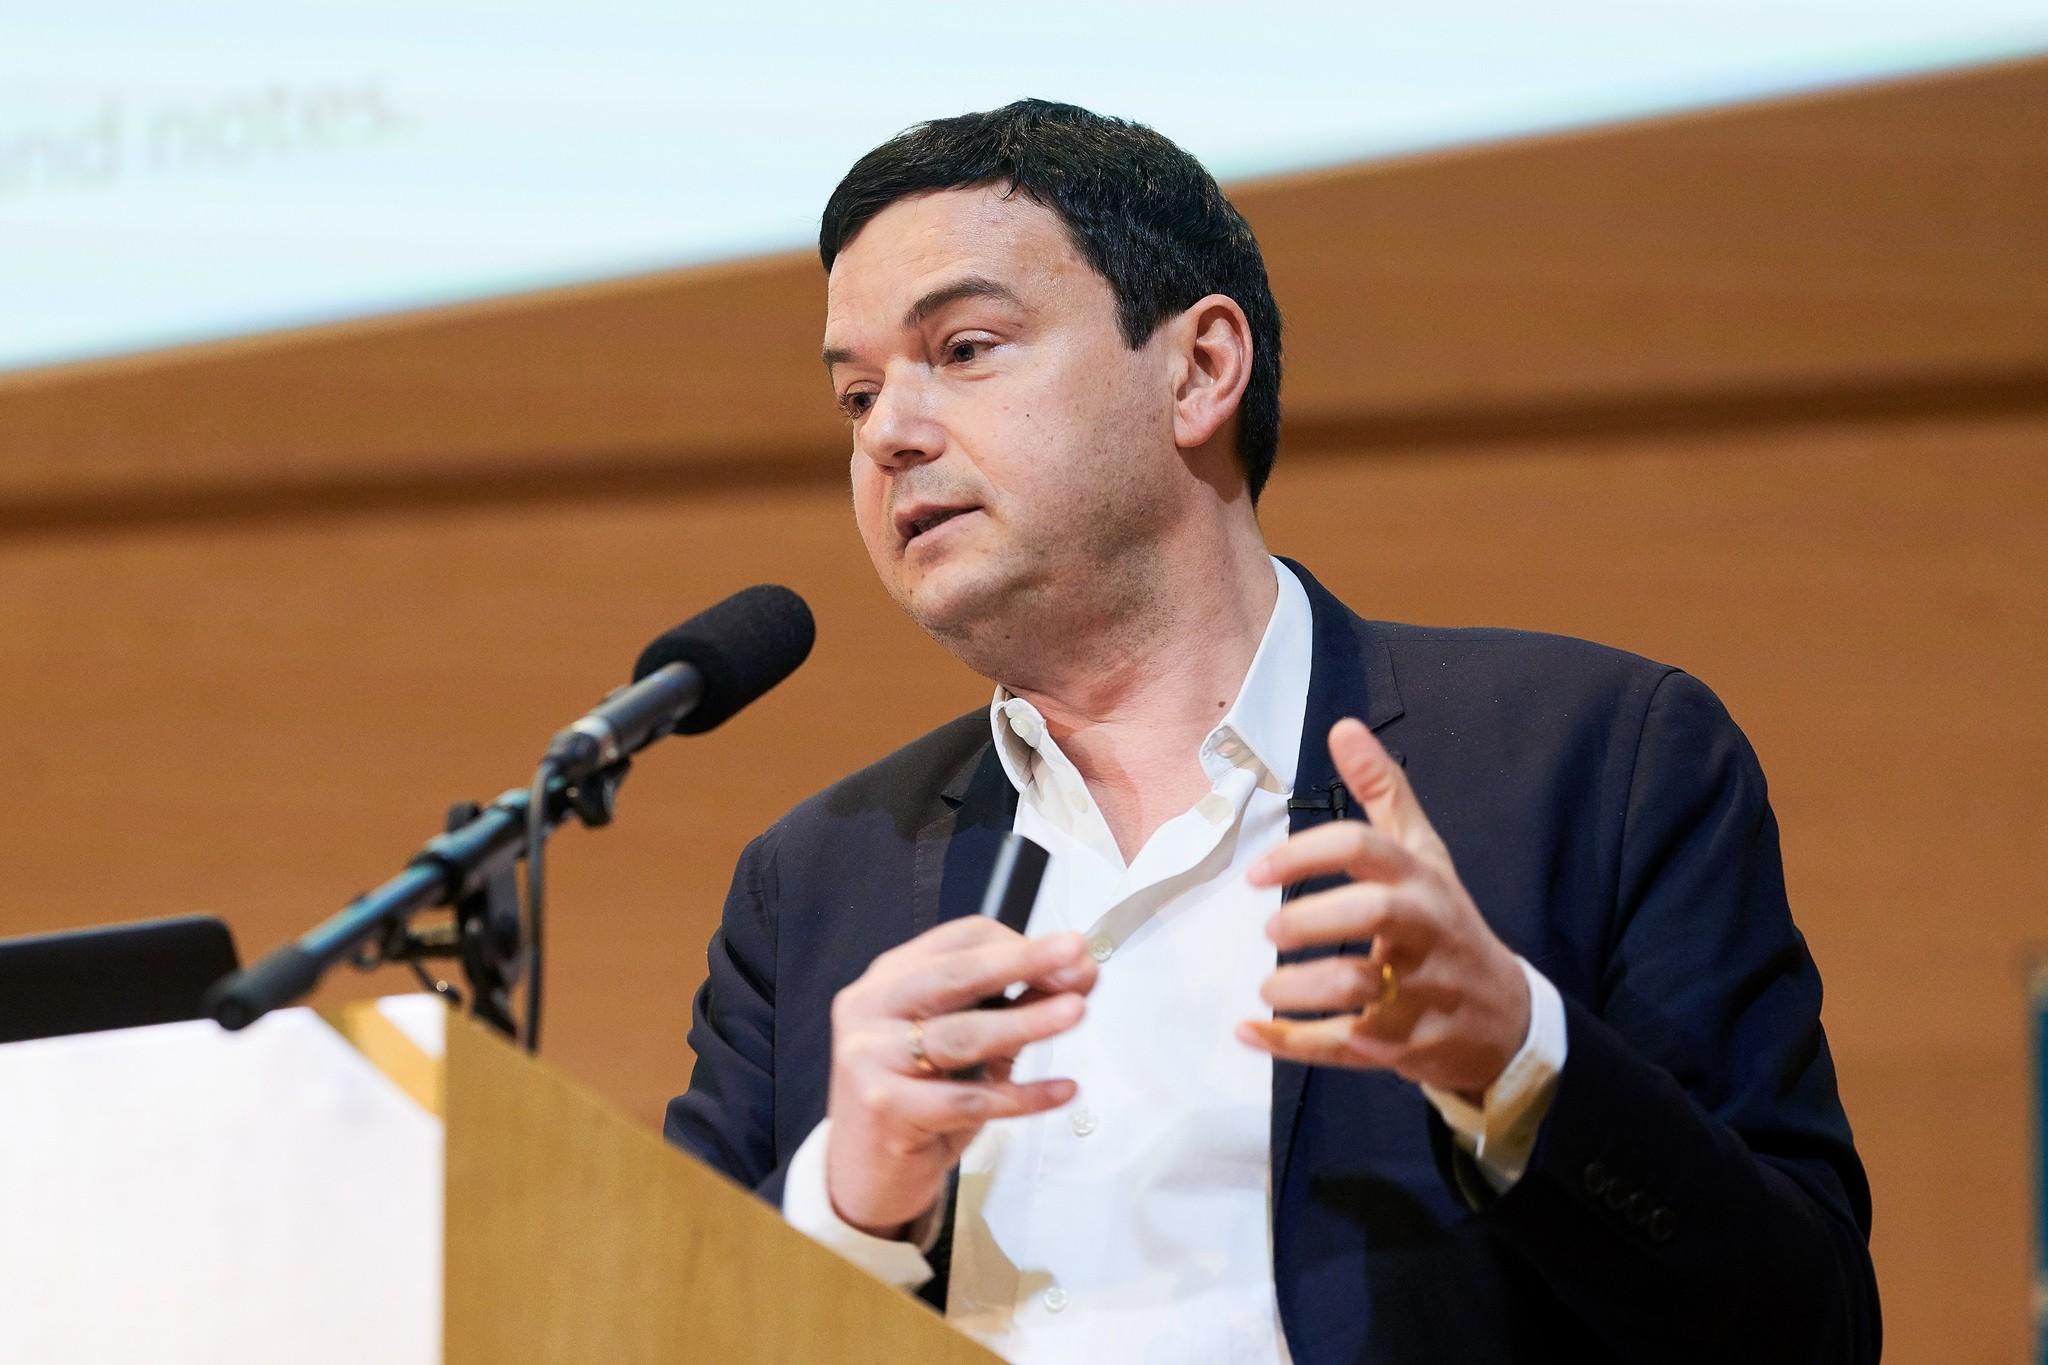 Piketty é considerado um dos grandes pensadores da atualidade (Foto: Flickr/Central European University)